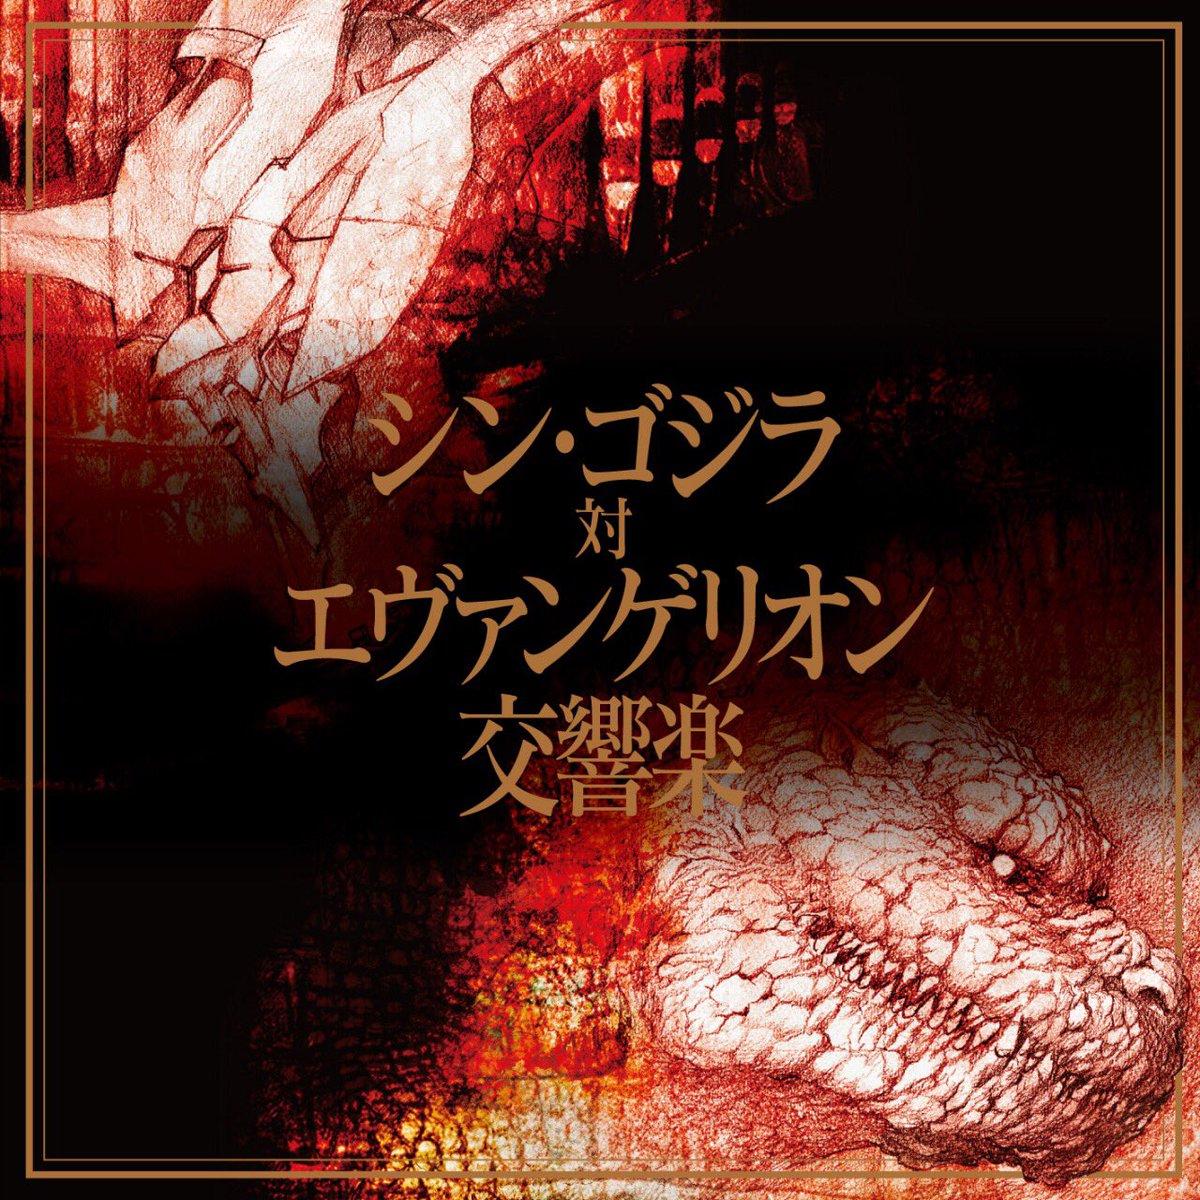 12月27日発売「シン・ゴジラ対エヴァンゲリオン交響楽」CD制作における全ての作業が終了〜〜。あとは…